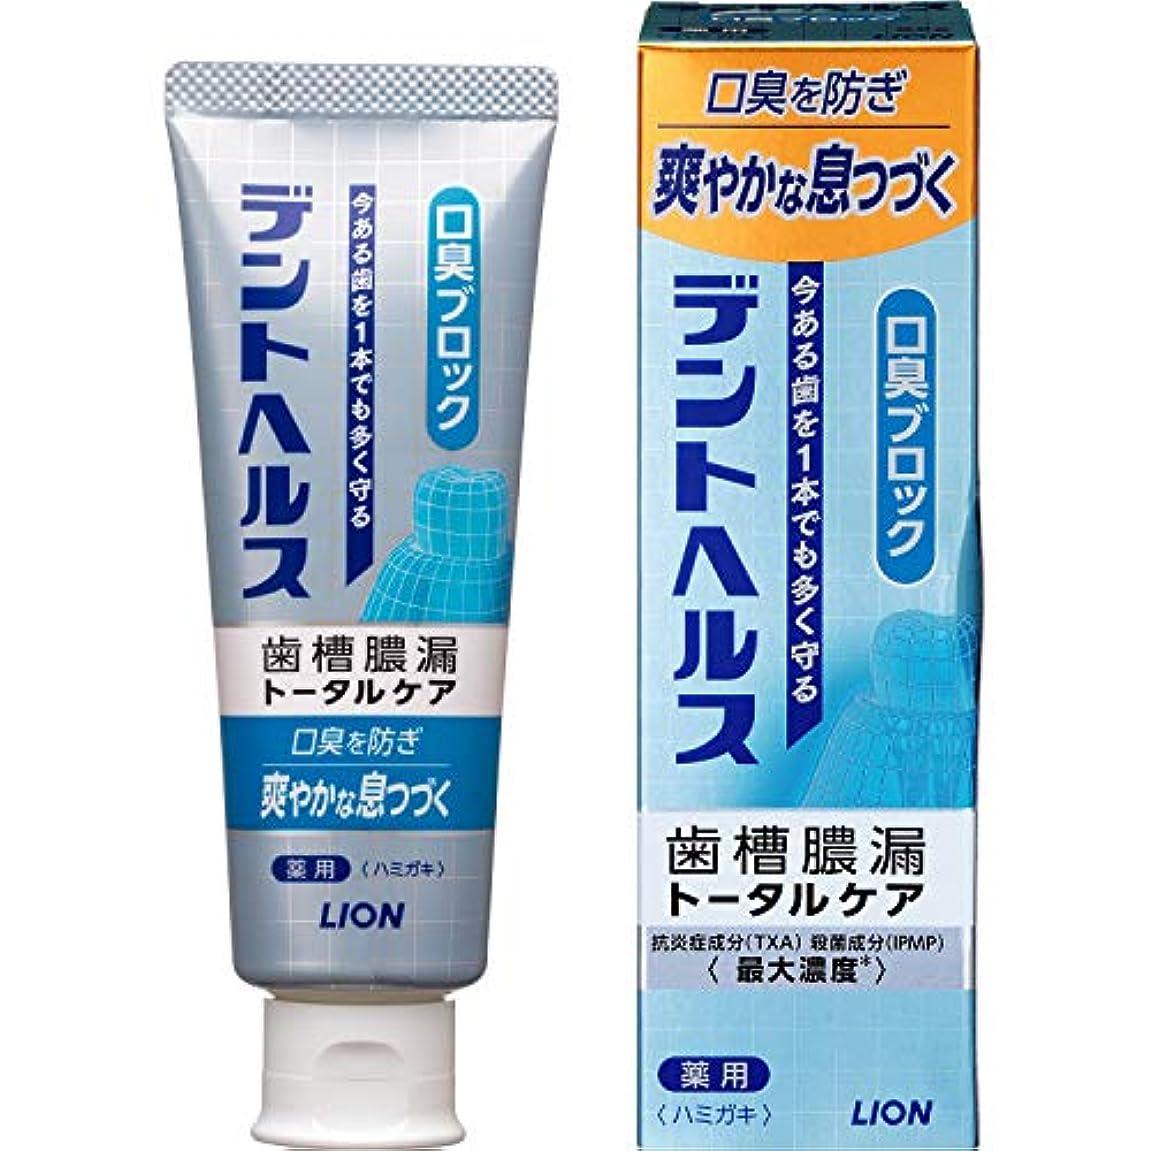 下向きベアリング医療の歯槽膿漏予防に デントヘルス 薬用ハミガキ 口臭ブロック 85g